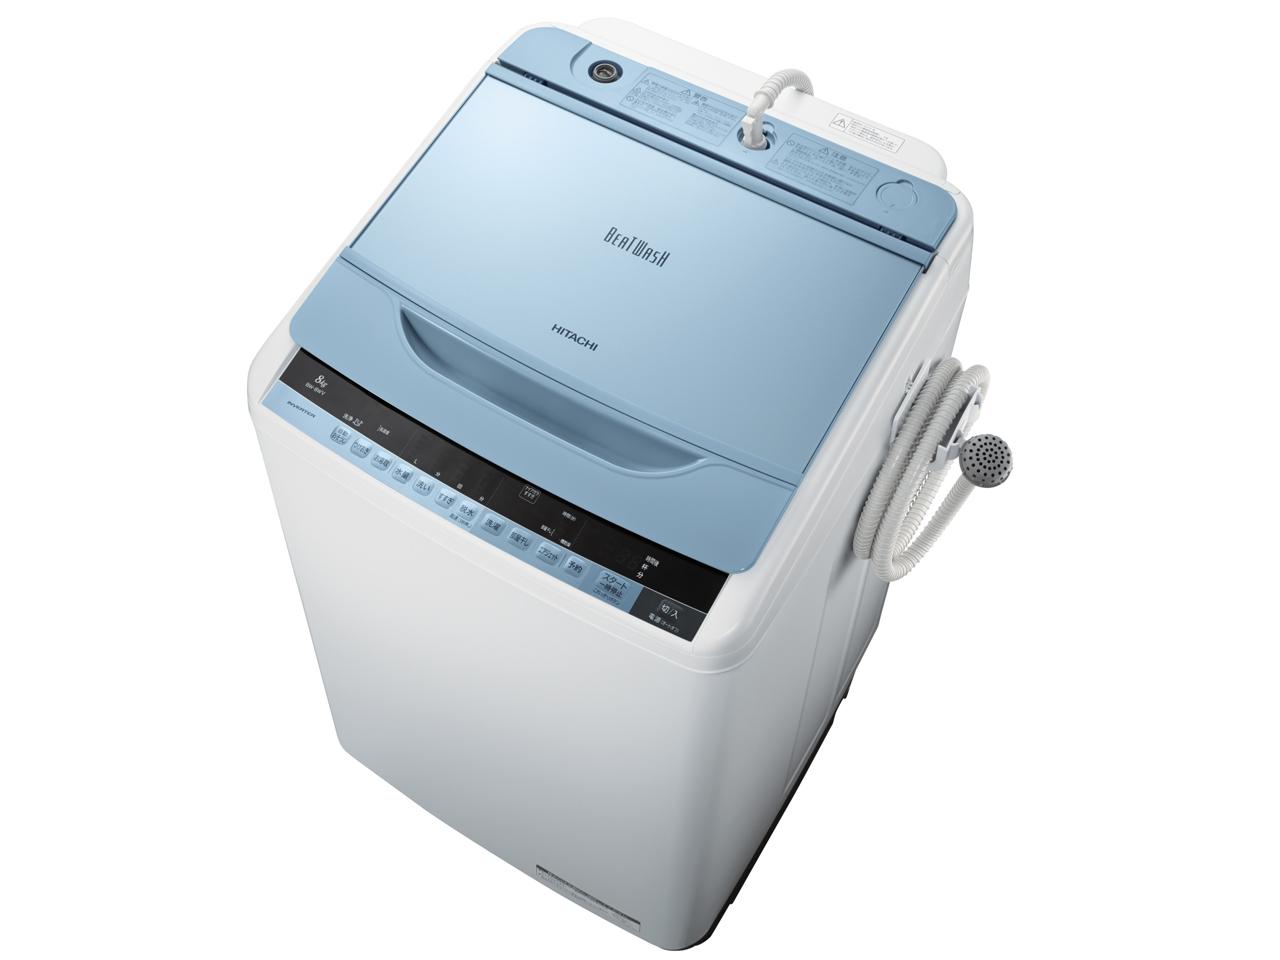 価格.com - ビートウォッシュ BW-8WV(A) [ブルー] の製品画像